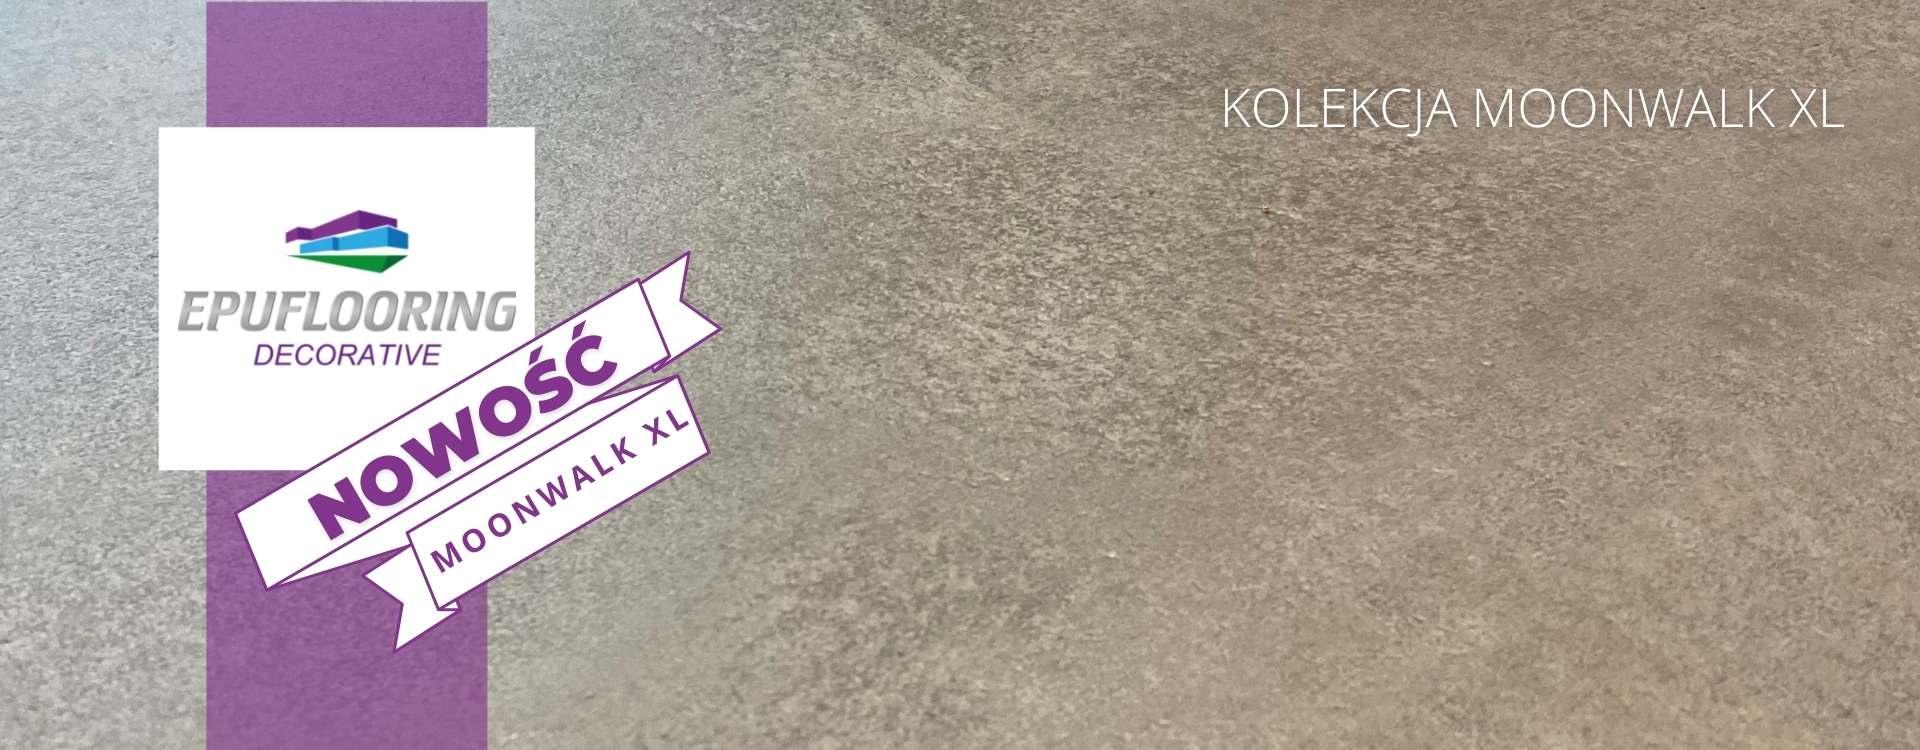 kolekcja moonwalk xl